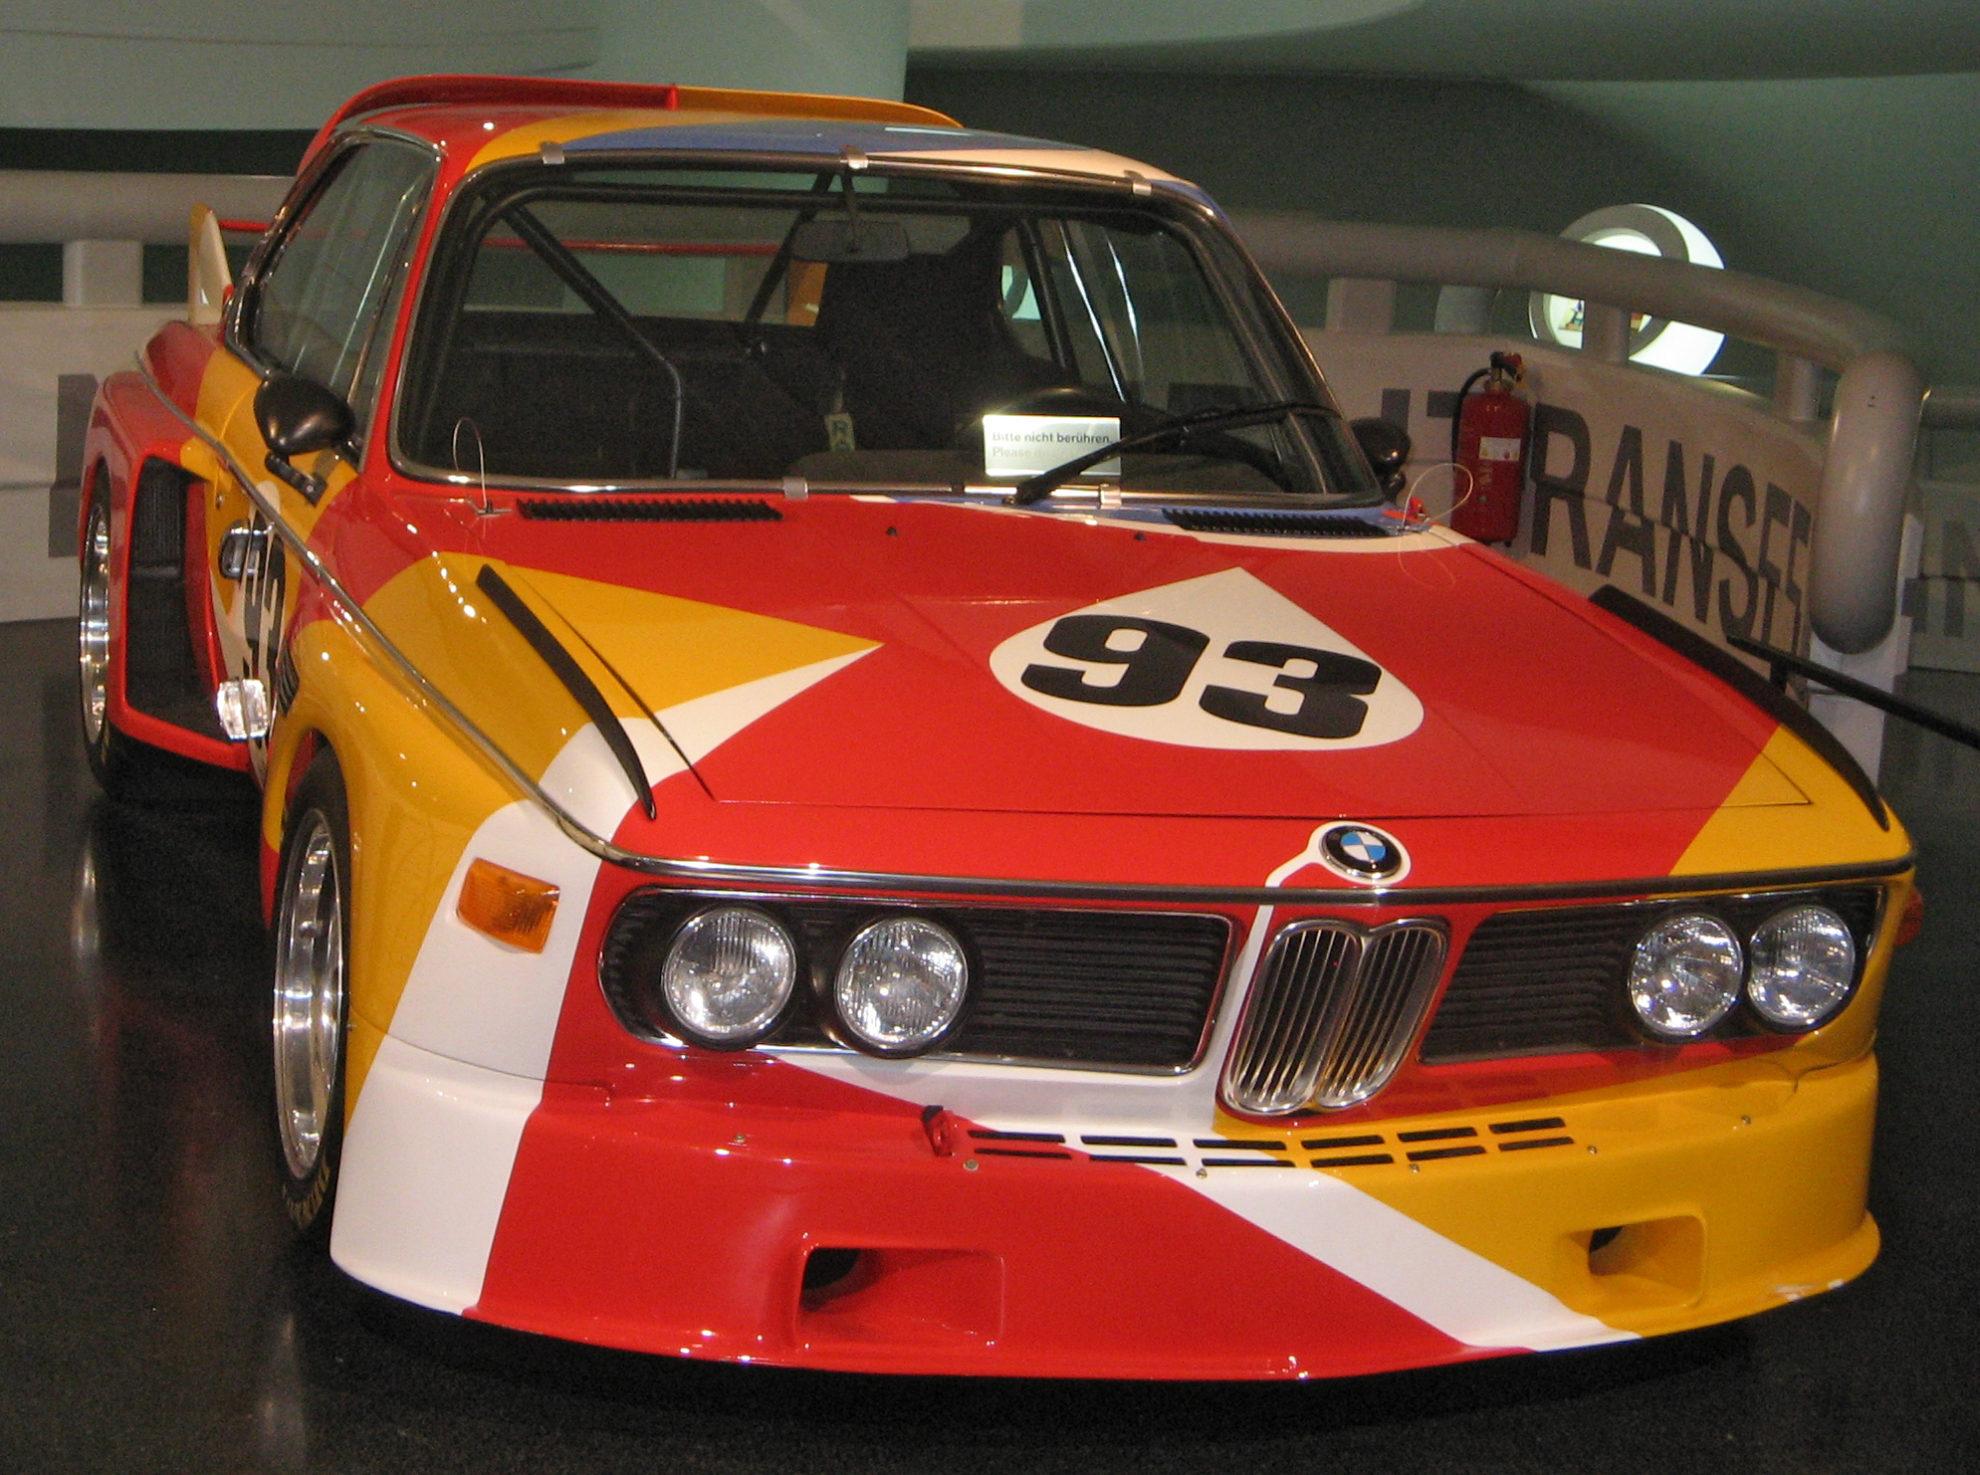 BMW E9 - 3.0 CSL Art Car (CC BY-SA 3.0)